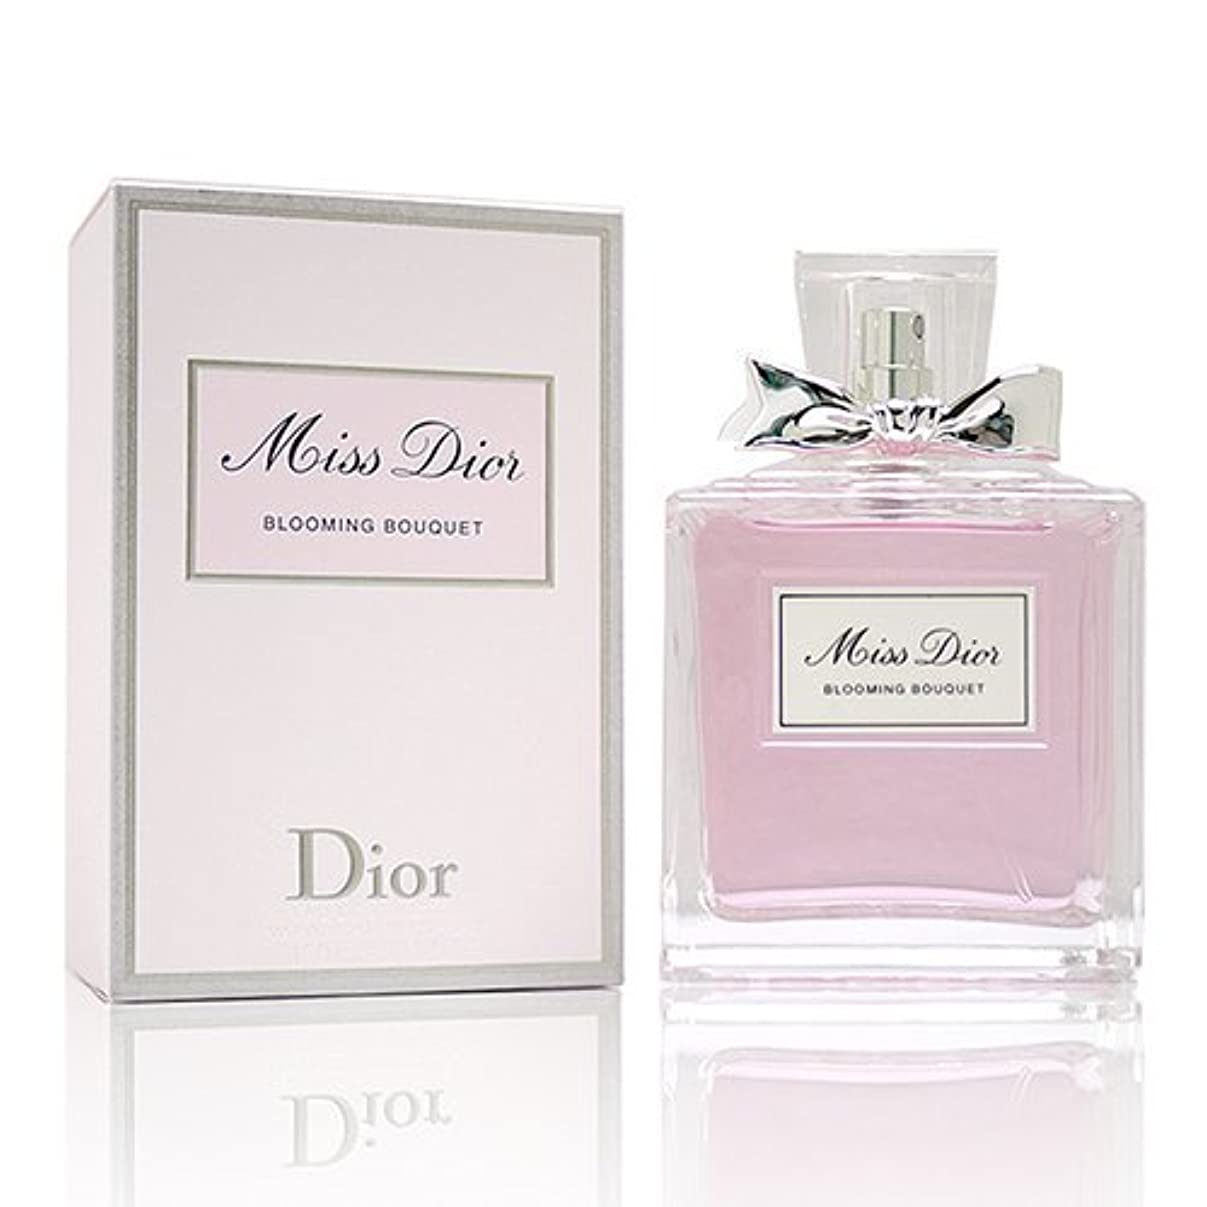 クリスチャン ディオール(Christian Dior) ミス ディオール ブルーミングブーケ EDT SP 150ml [並行輸入品]